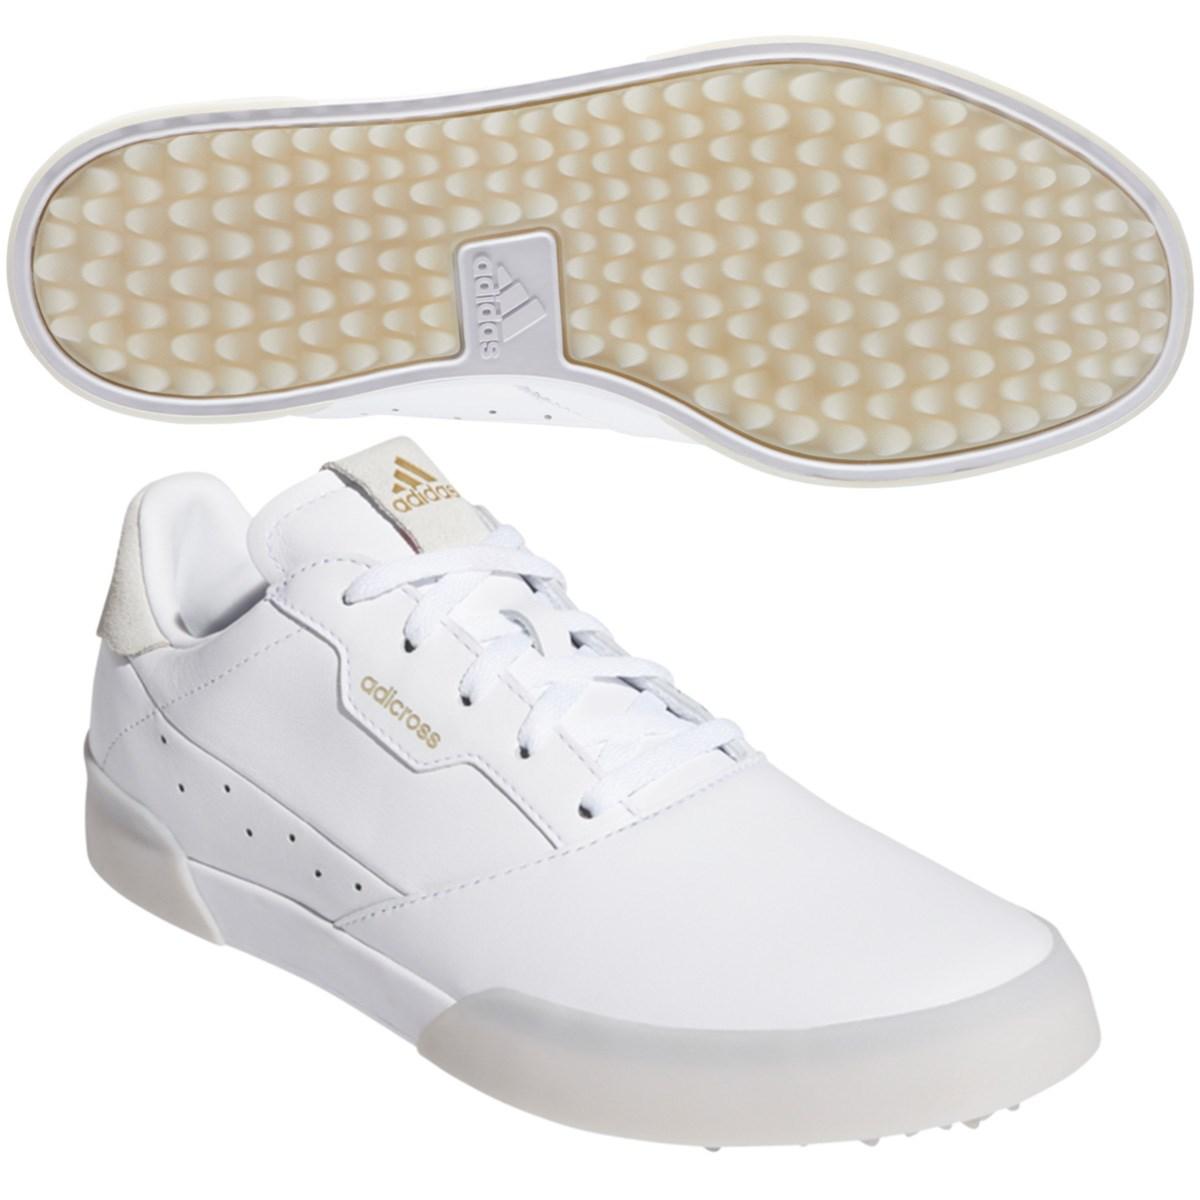 アディダス Adidas アディクロス レトロ シューズ 24cm ホワイト/ゴールドメタリック/クリスタルホワイト レディス